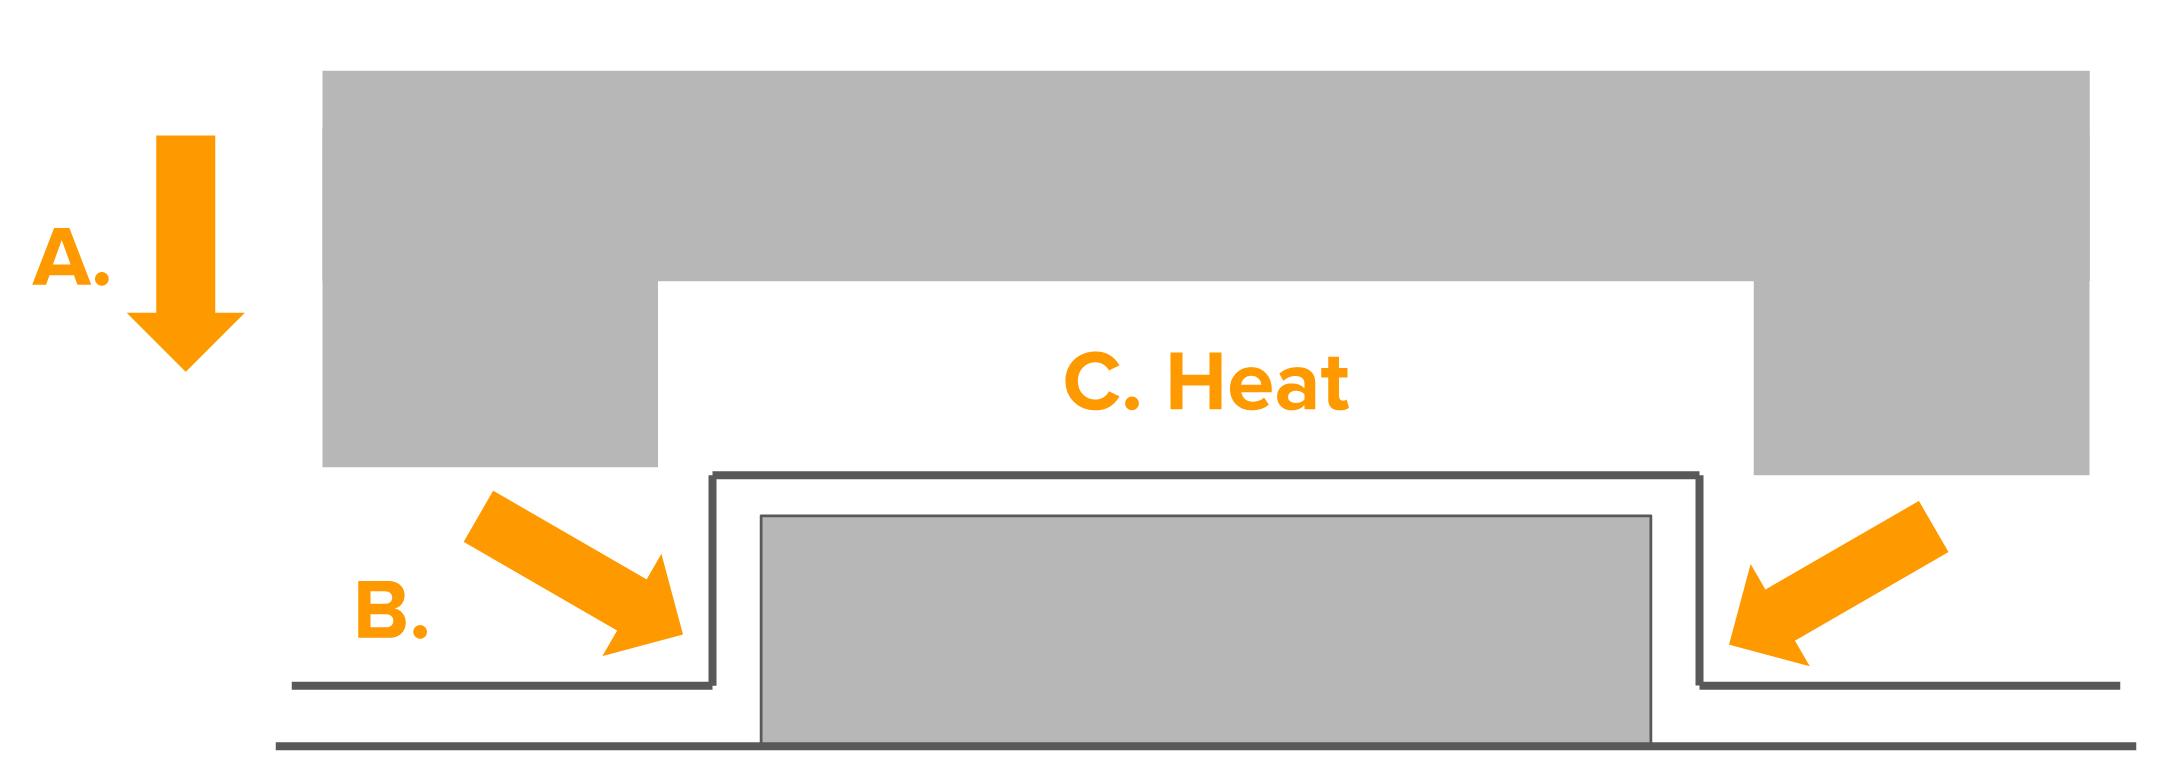 """In diesem Diagramm stellt """"A"""" den Druck dar, der von der Negativform ausgeht. """"B"""" ist der Druck des über die Form gezogenen Kunststoffs und """"C"""" die Eigenwärme des Kunststoffs."""